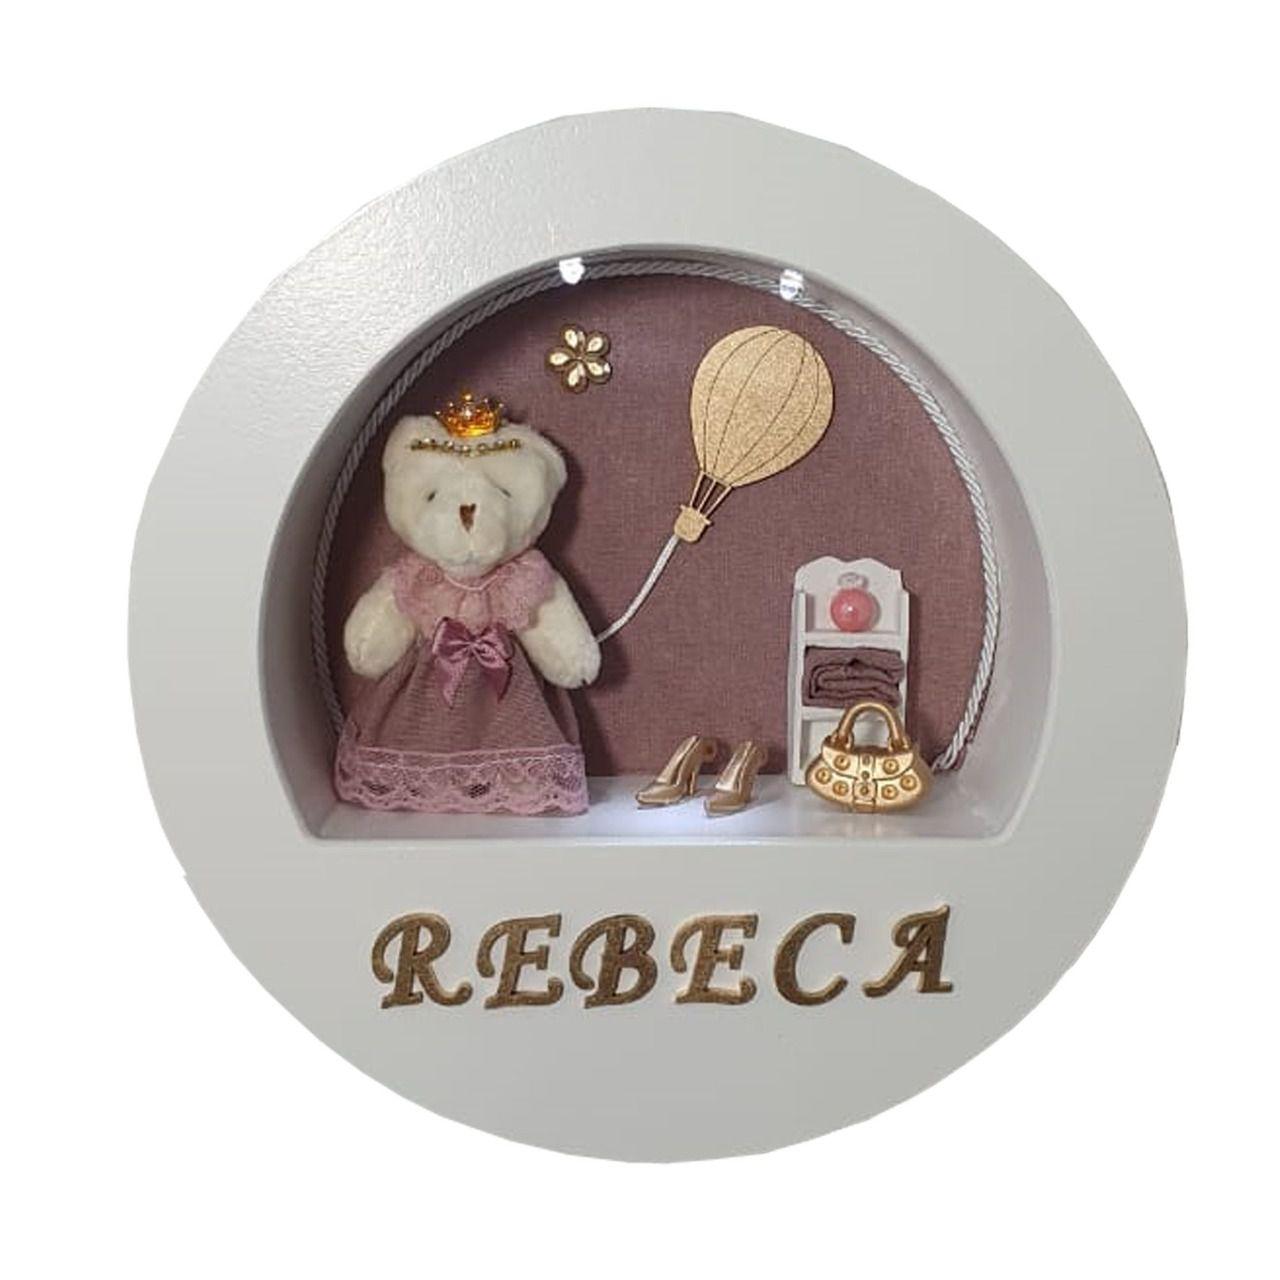 Enfeite maternidade redondo ursa  tecido rosa cha  com nome do bebê